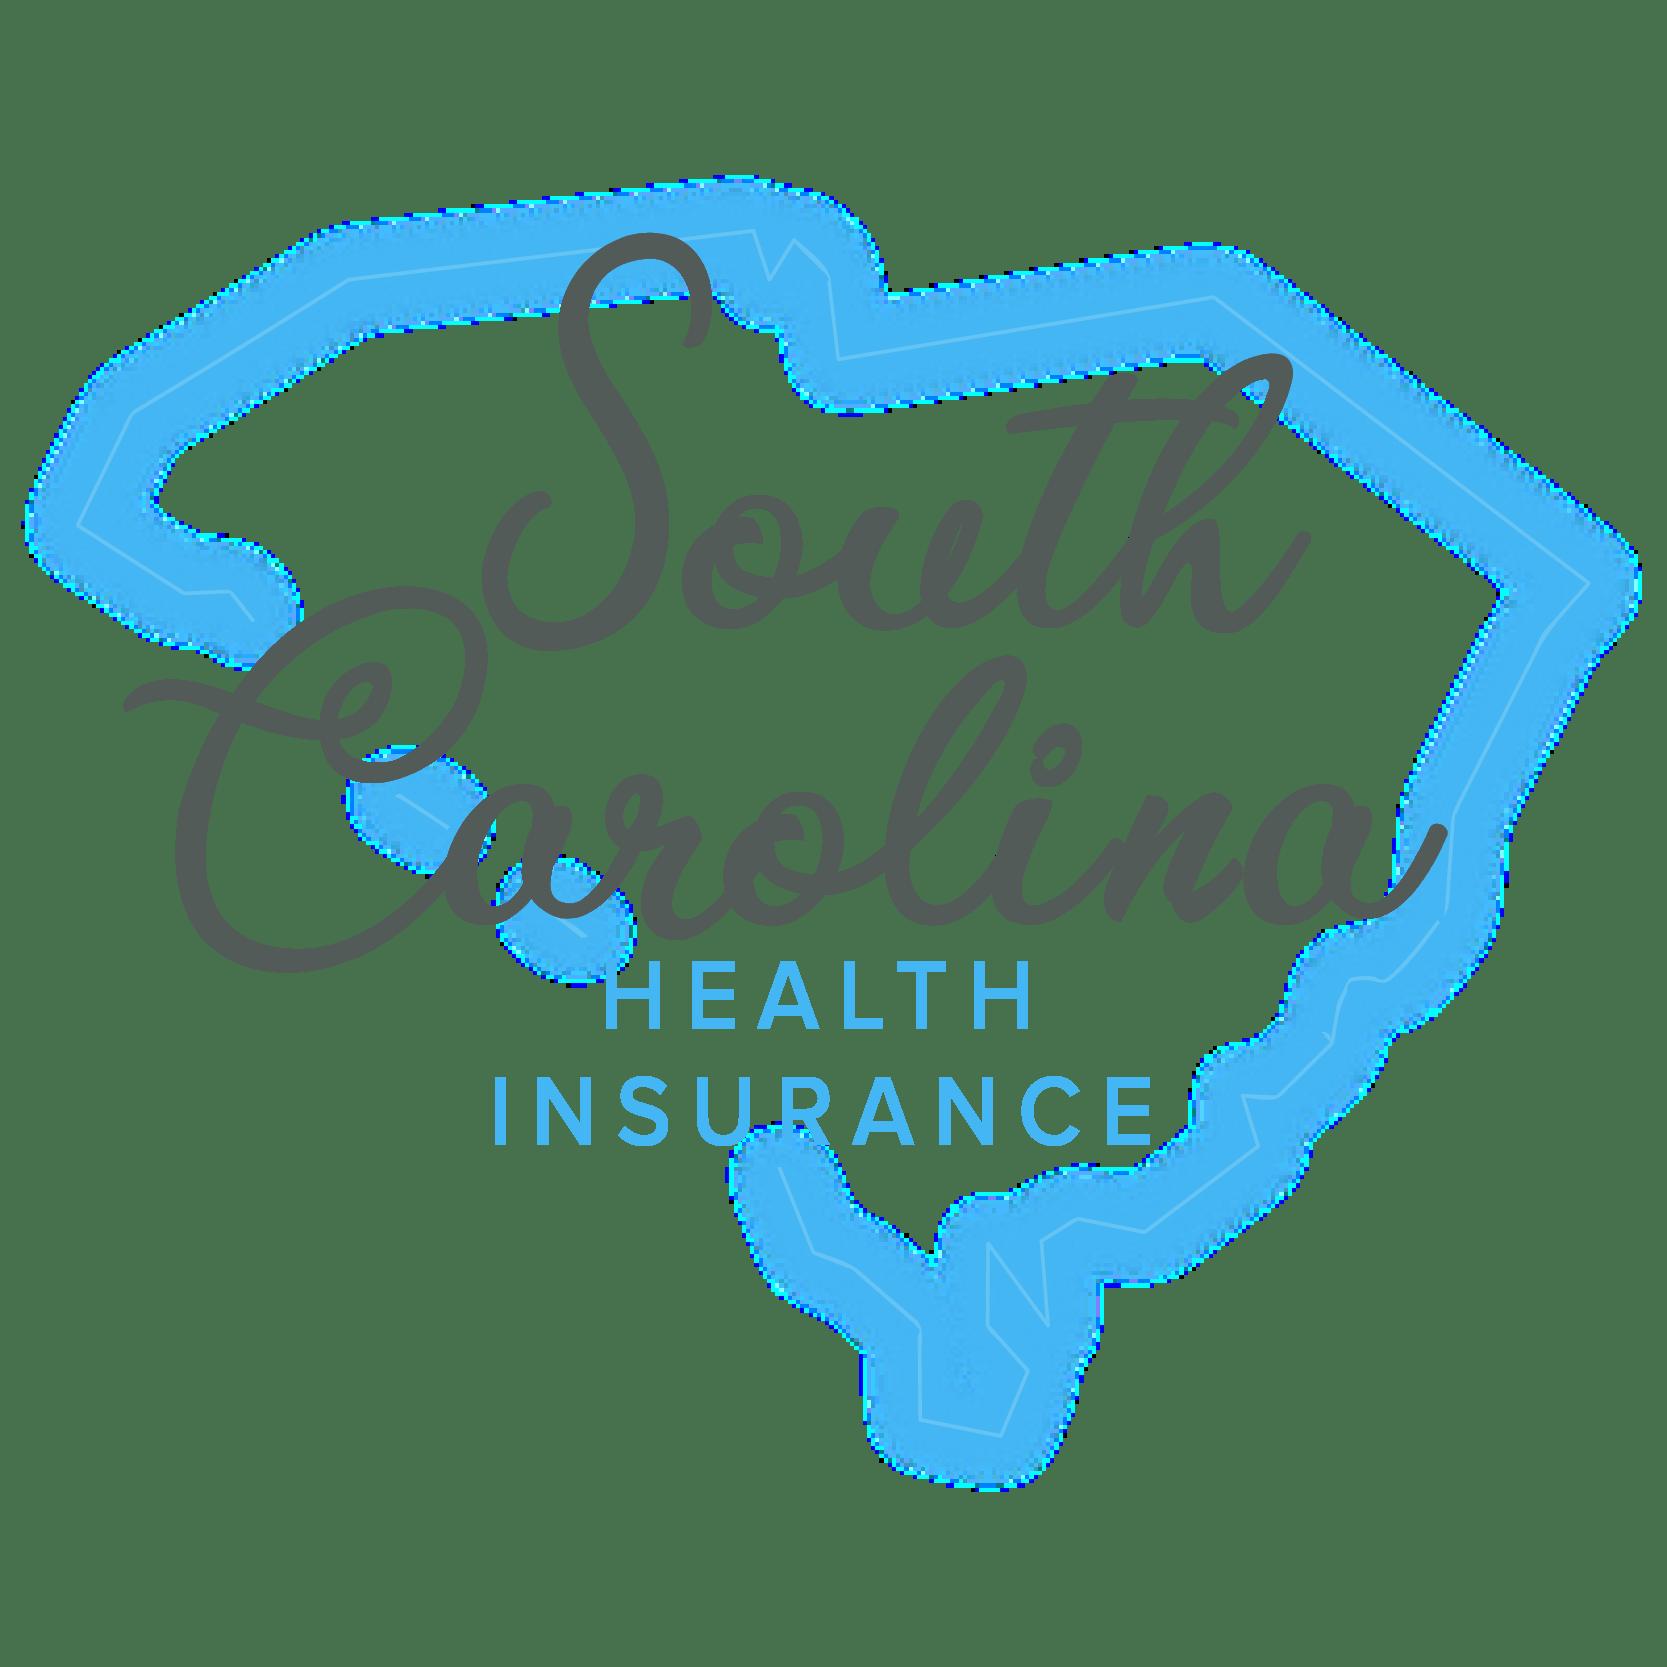 South Carolina health insurance